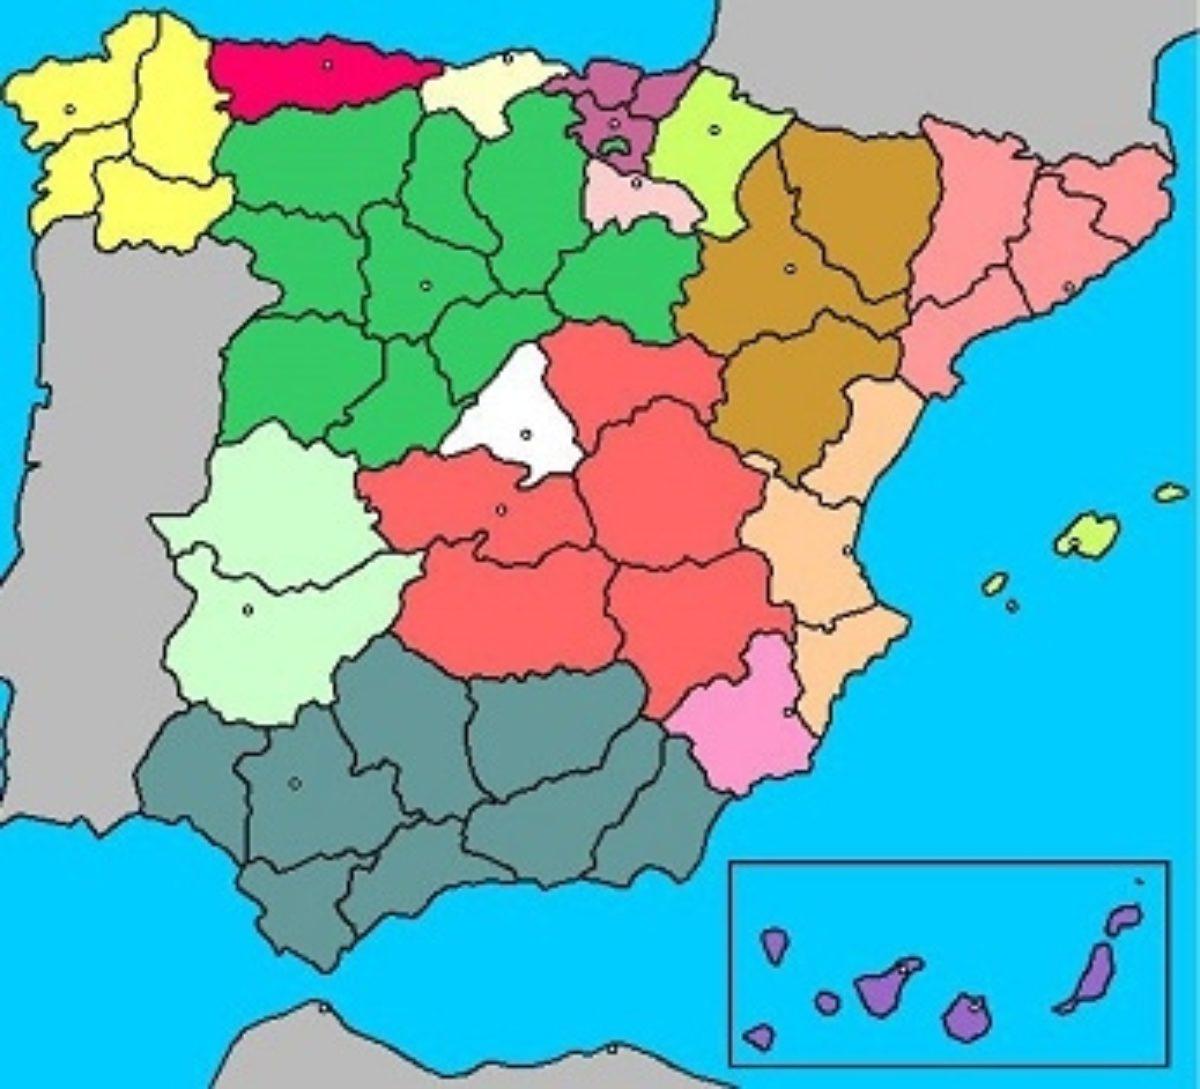 Tenerife Cartina Spagna.Le Canarie Finalmente Al Loro Posto Nelle Cartine Geografiche Della Spagna Vivilecanarie